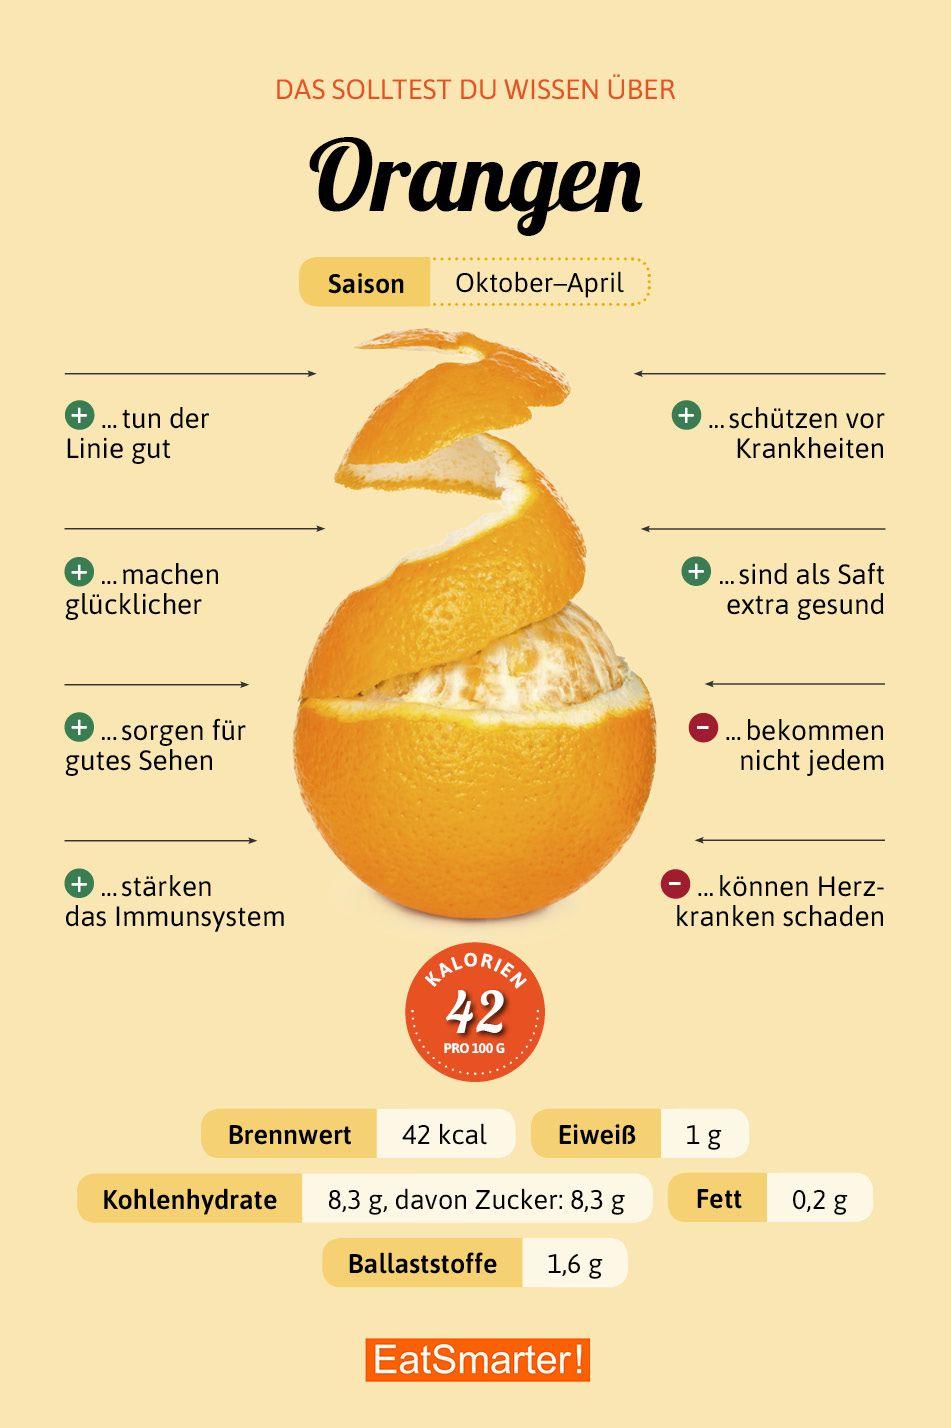 Das solltest du über Orangen wissen